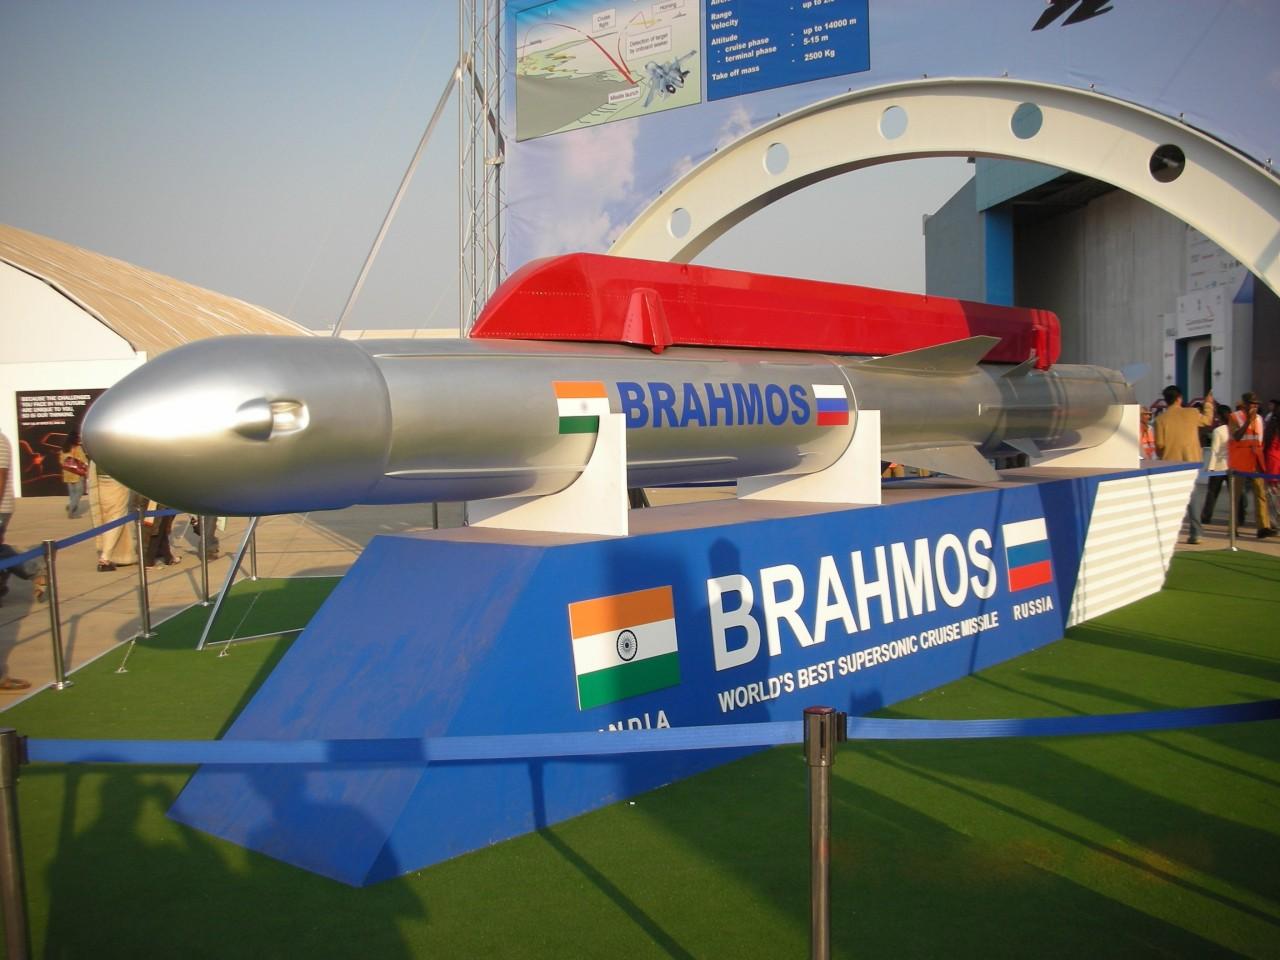 Российско-индийская компания разрабатывает  многоразовую гиперзвуковую ракету